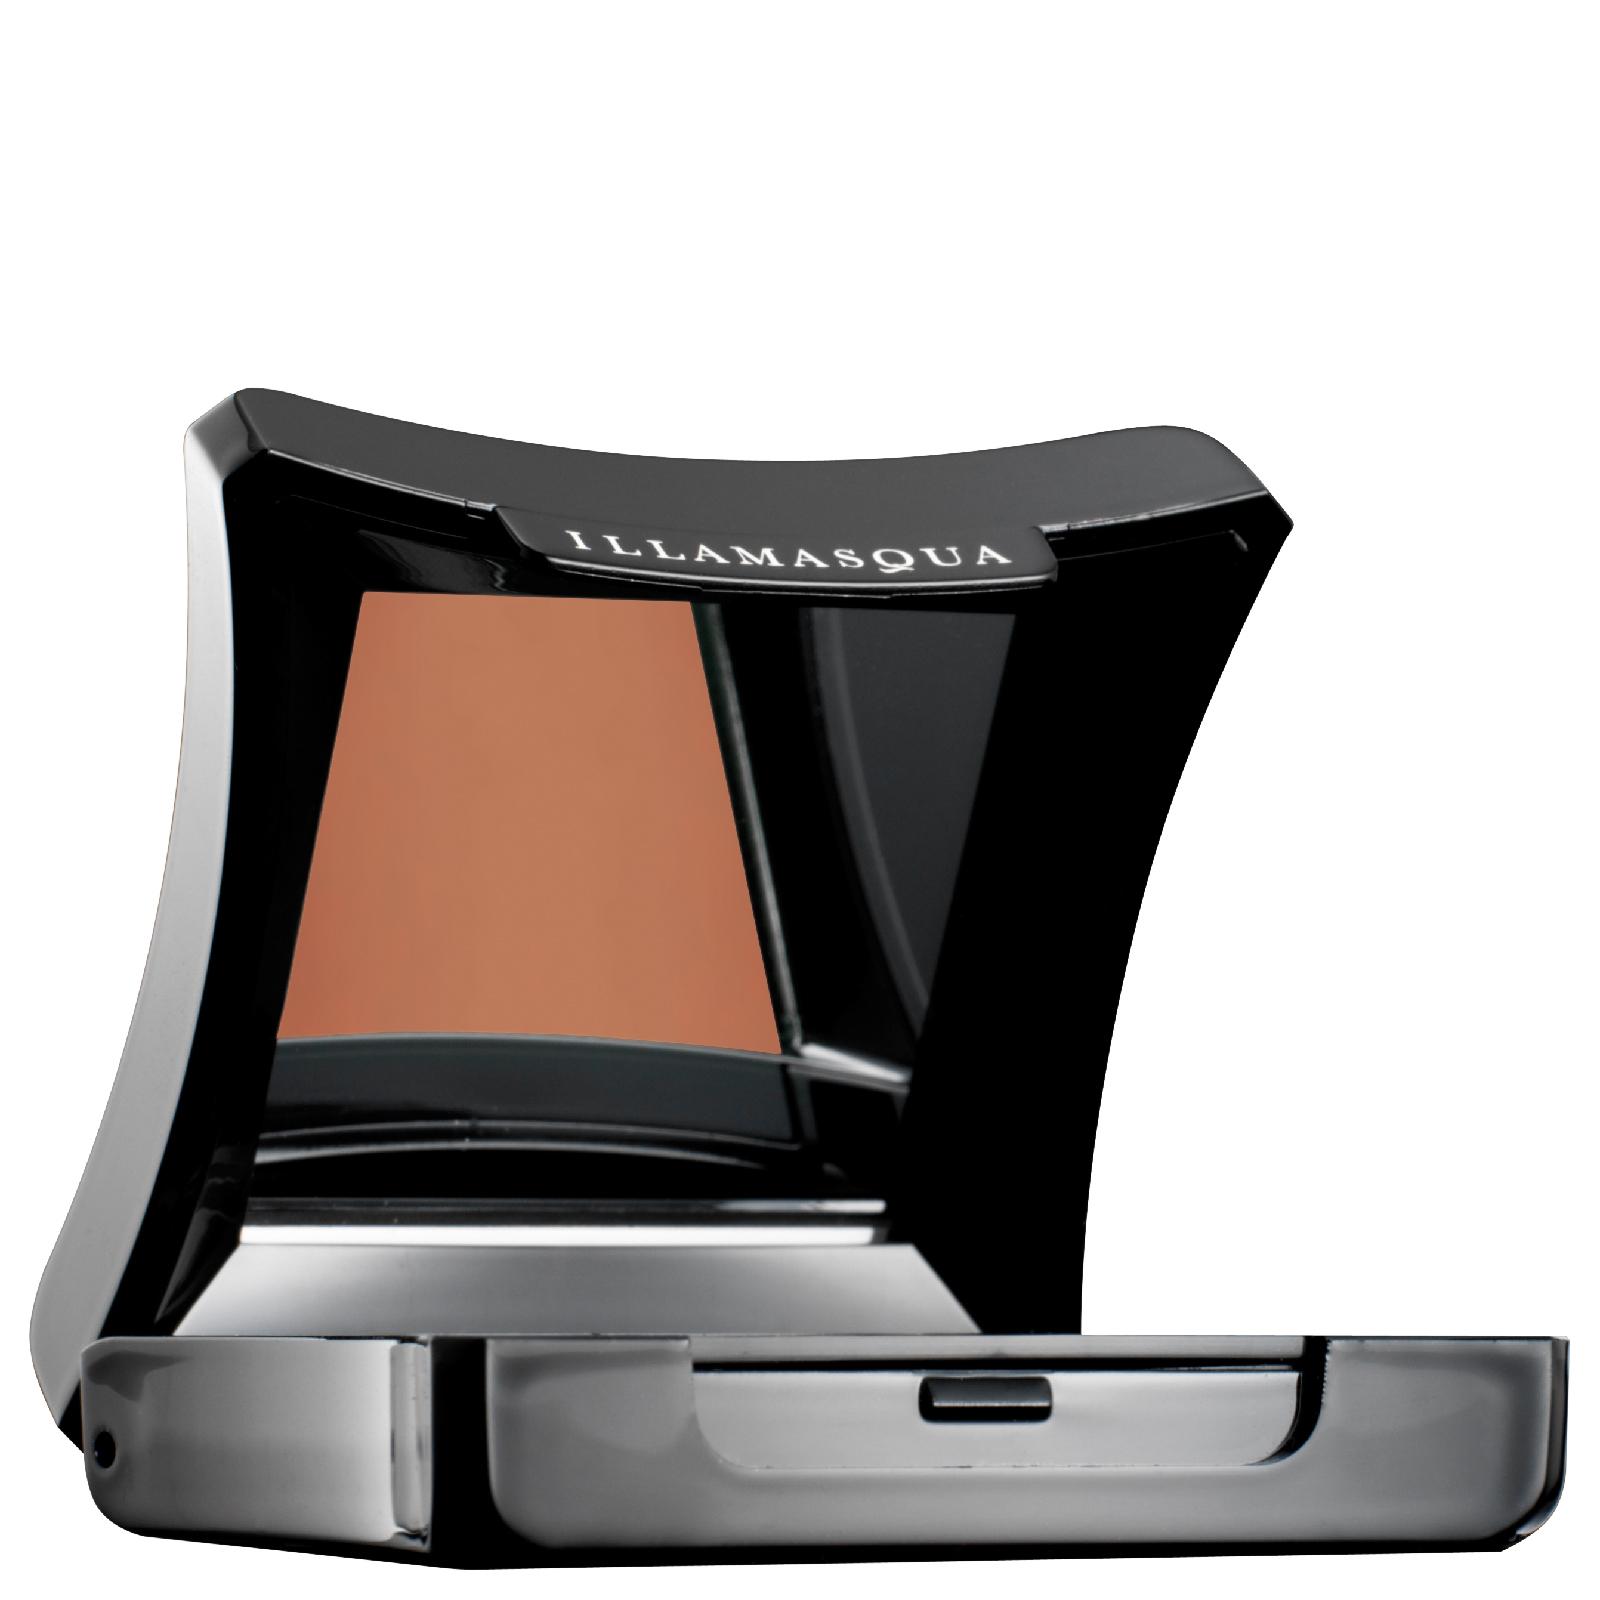 Illamasqua Skin Base Lift Concealer 2.8g (Various Shades) - Deep 1